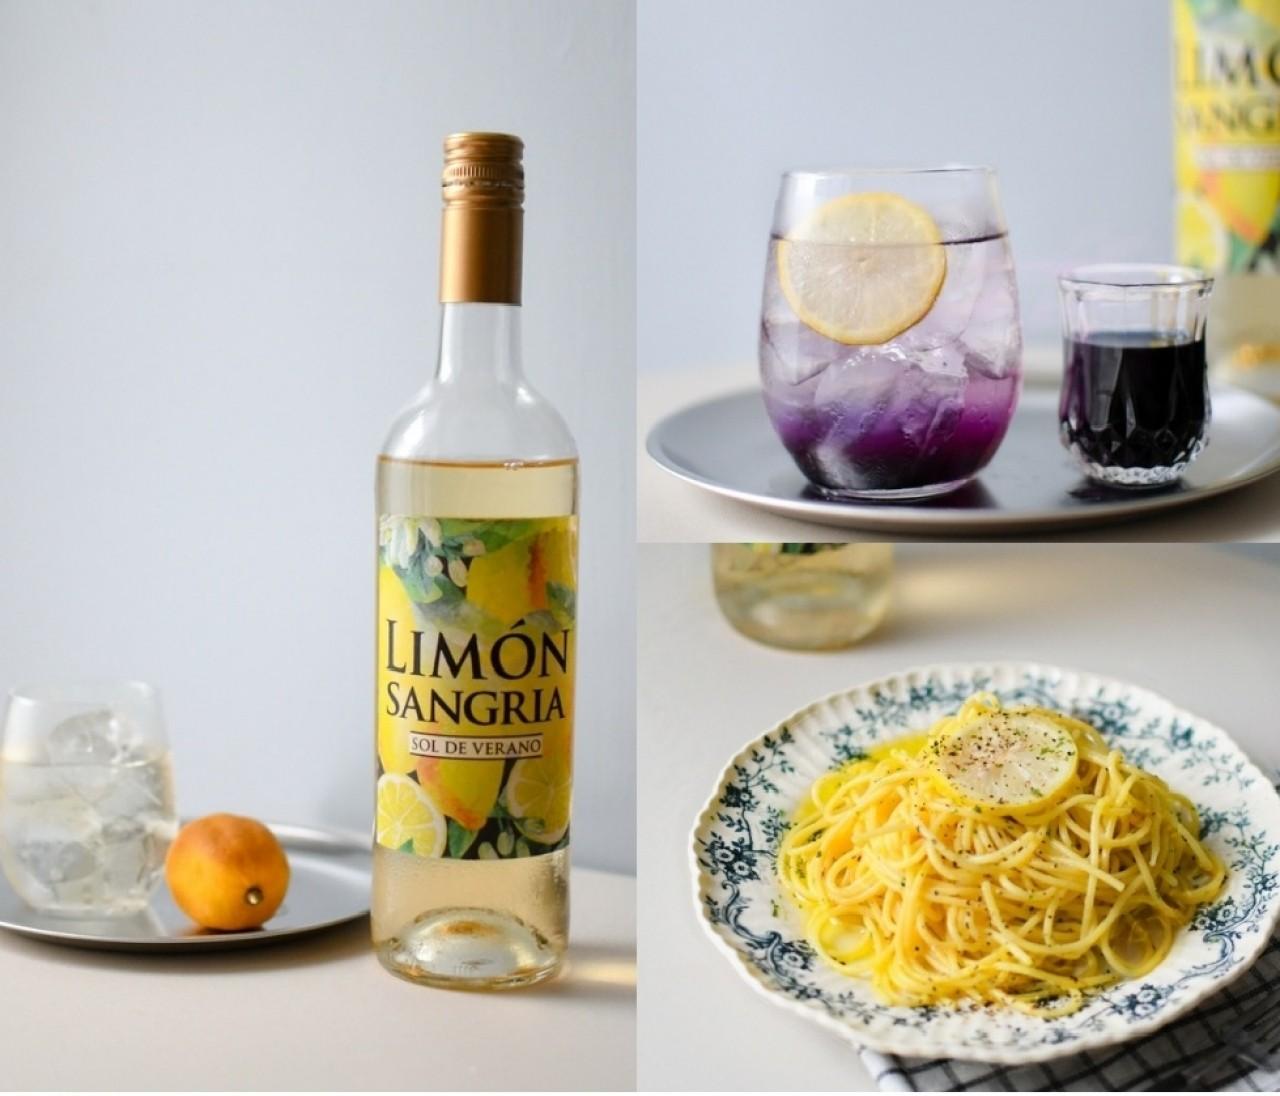 【カルディおすすめ】レモン好き必見! 爽やか&美味しいレモンフード3選【元フードバイヤーmanamiのコスパなグルメ&スイーツ】